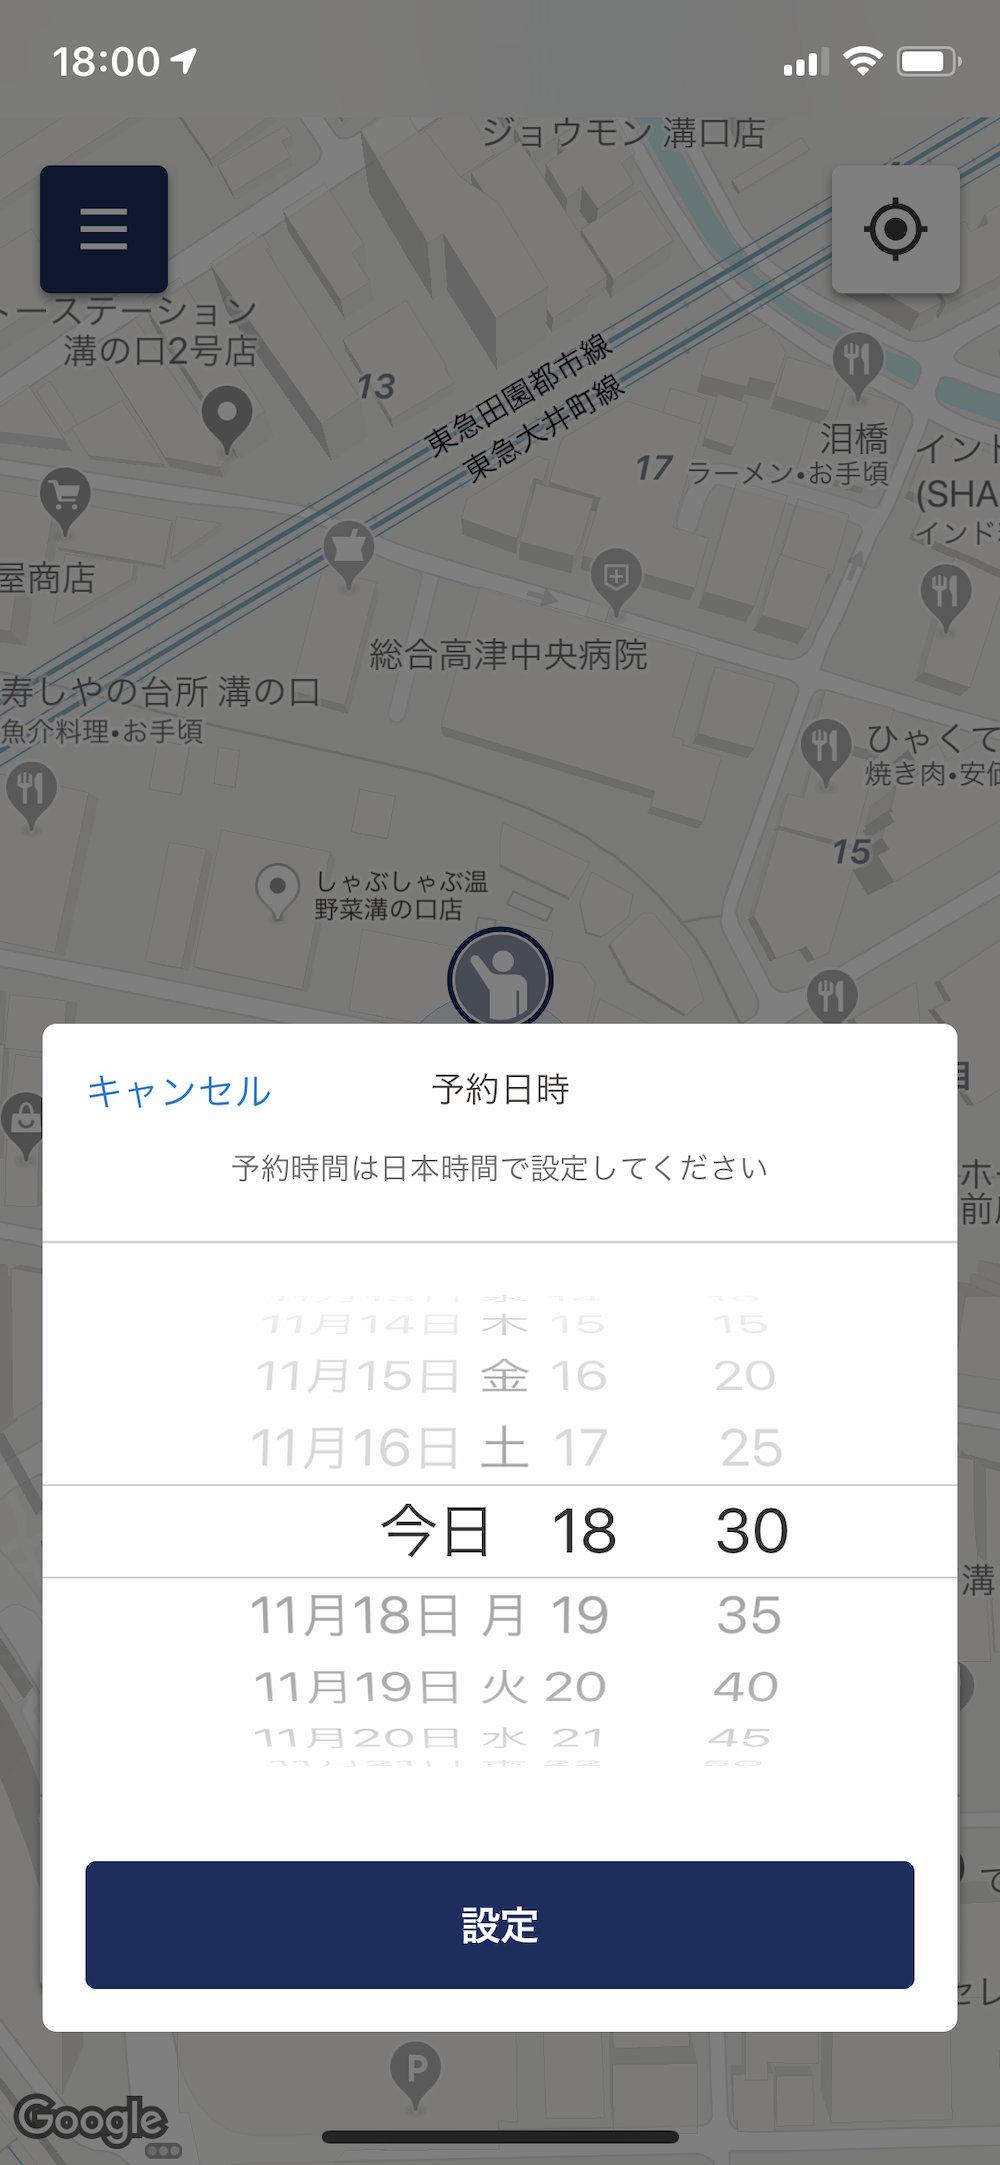 日付と時刻の指定